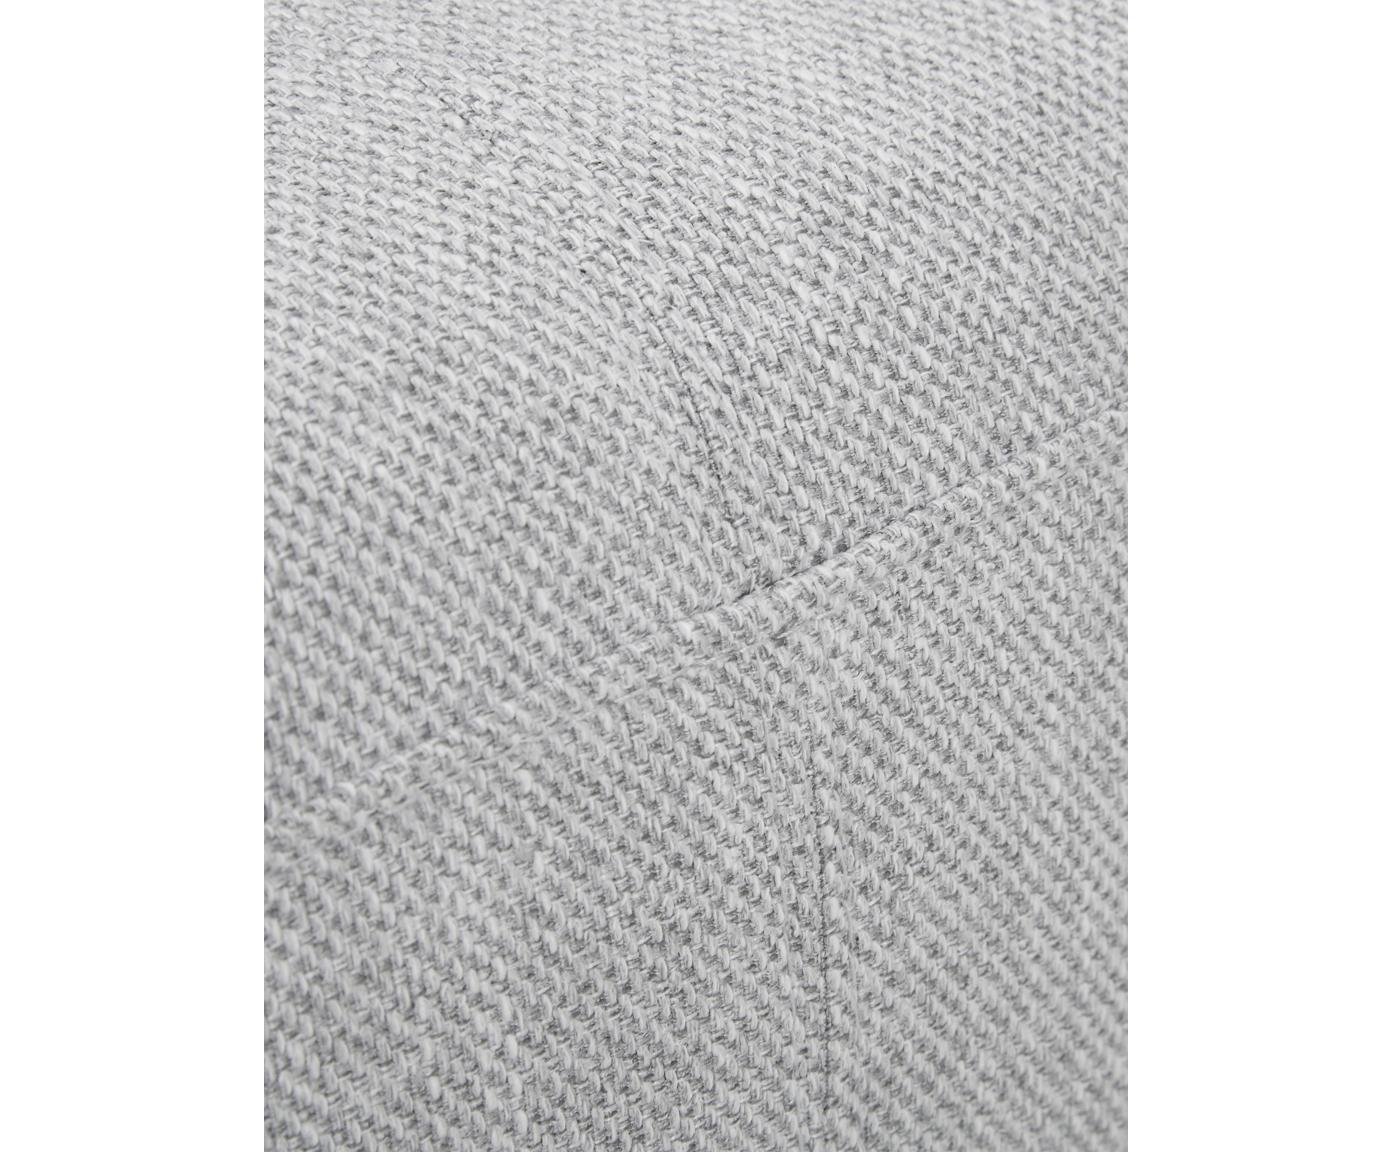 Divano 2 posti in tessuto grigio chiaro Ramira, Rivestimento: poliestere 40.000 cicli d, Struttura: legno di pino massiccio, , Piedini: metallo, verniciato a pol, Tessuto grigio chiaro, Larg. 151 x Prof. 76 cm